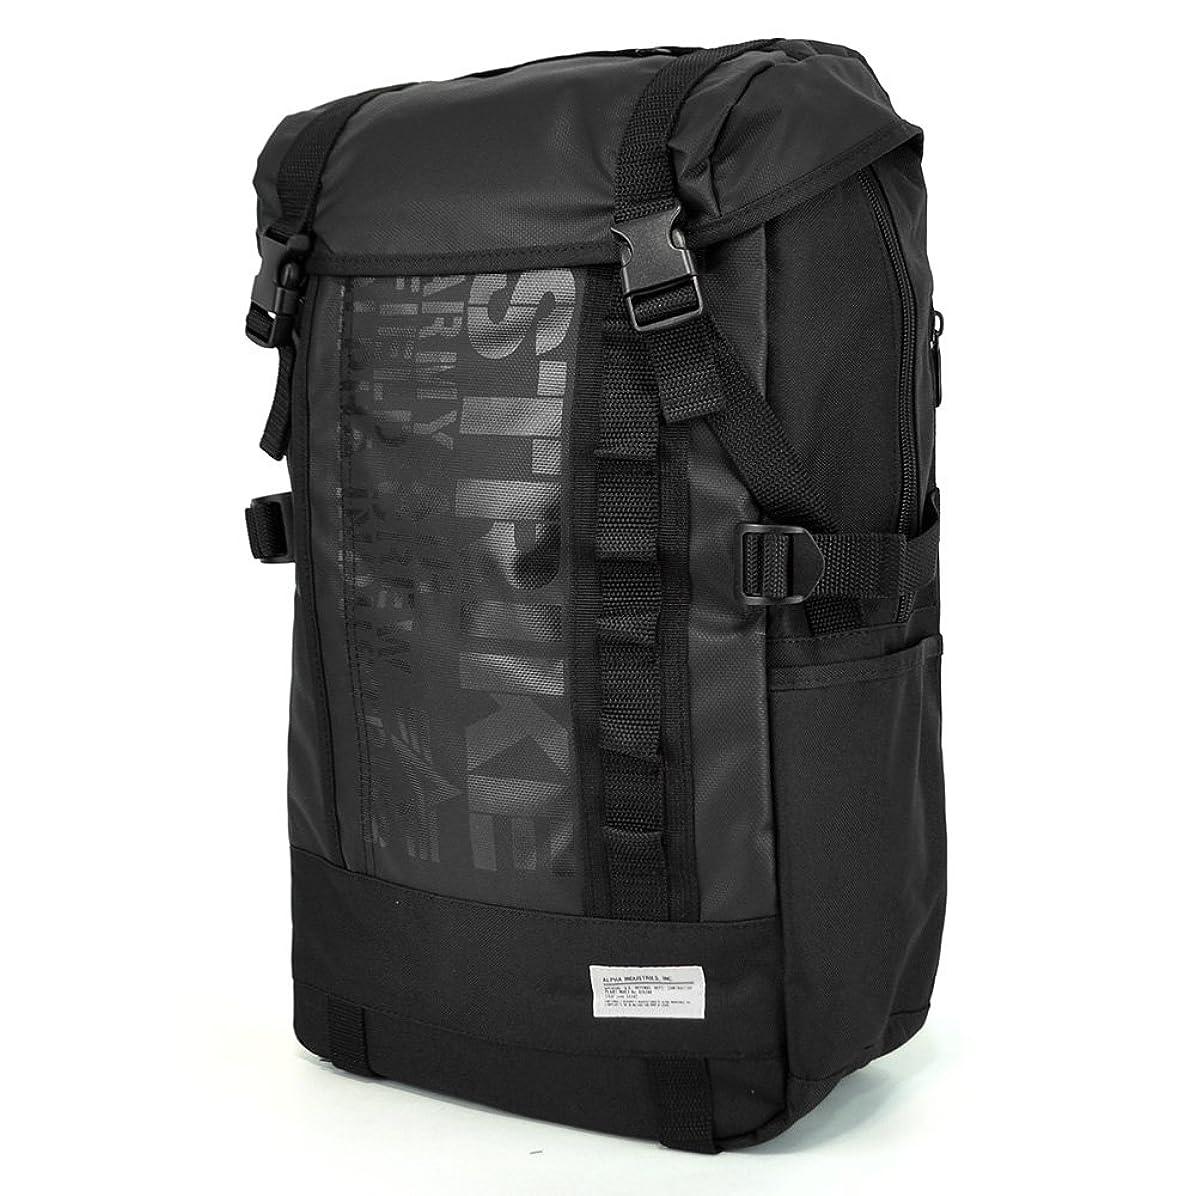 精通したファッションバケットALPHA(アルファ) リュックサック バックパック デイパック 04944 ロゴプリント デイバッグ